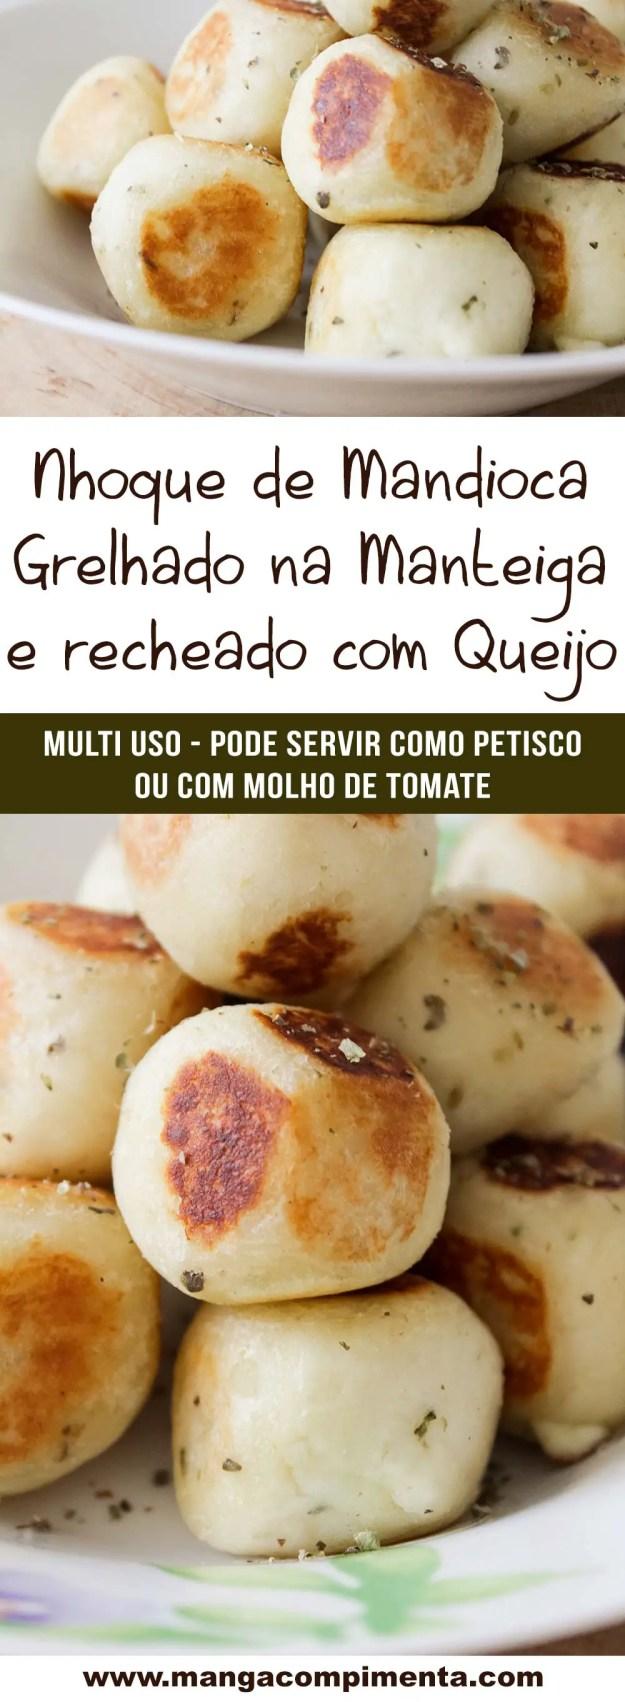 Nhoque de Mandioca Frito Recheado com Queijo - Para petiscar assistindo os jogos da Copa do Mundo!